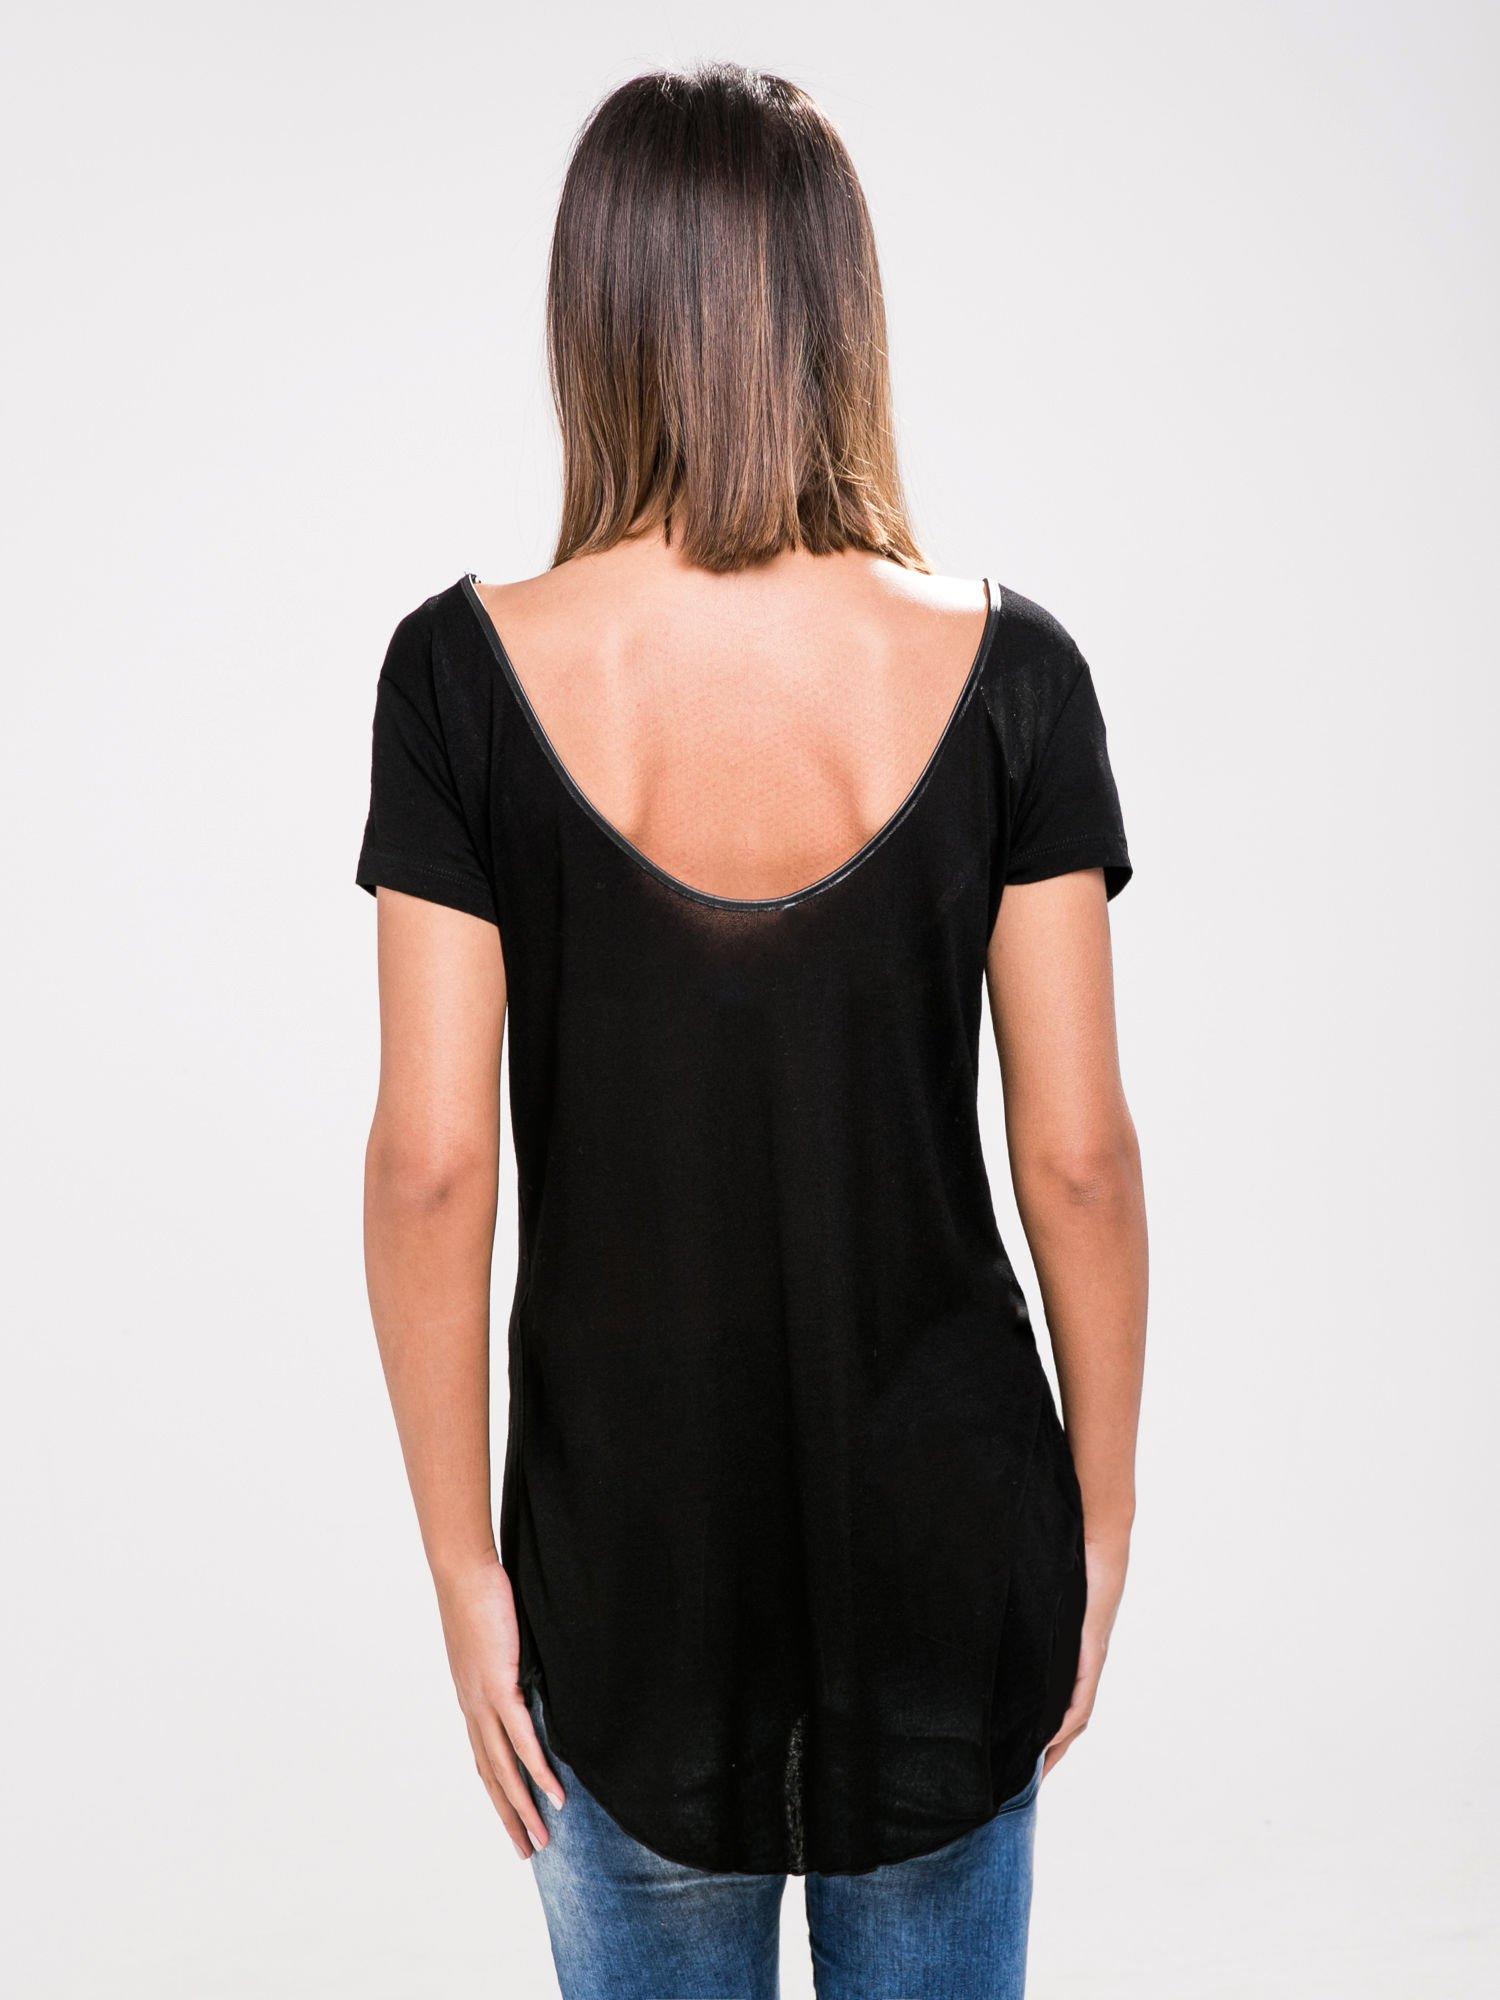 STRADIVARIUS Czarny t-shirt ze skórzaną lamówką                                  zdj.                                  2